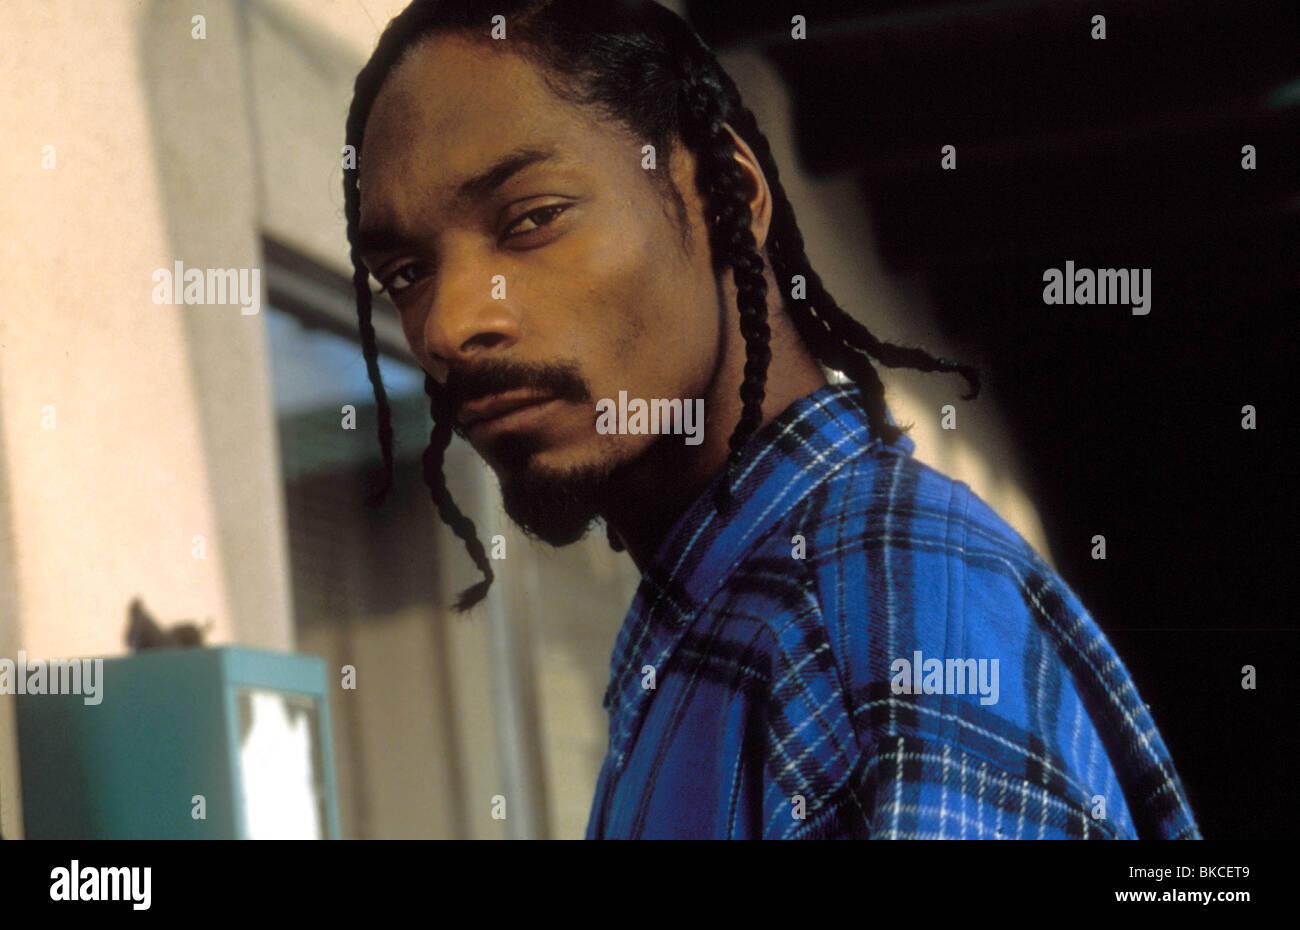 Снуп дог клип с порно, Snoop Dogg So Sexy клип песни смотреть онлайн 18 фотография